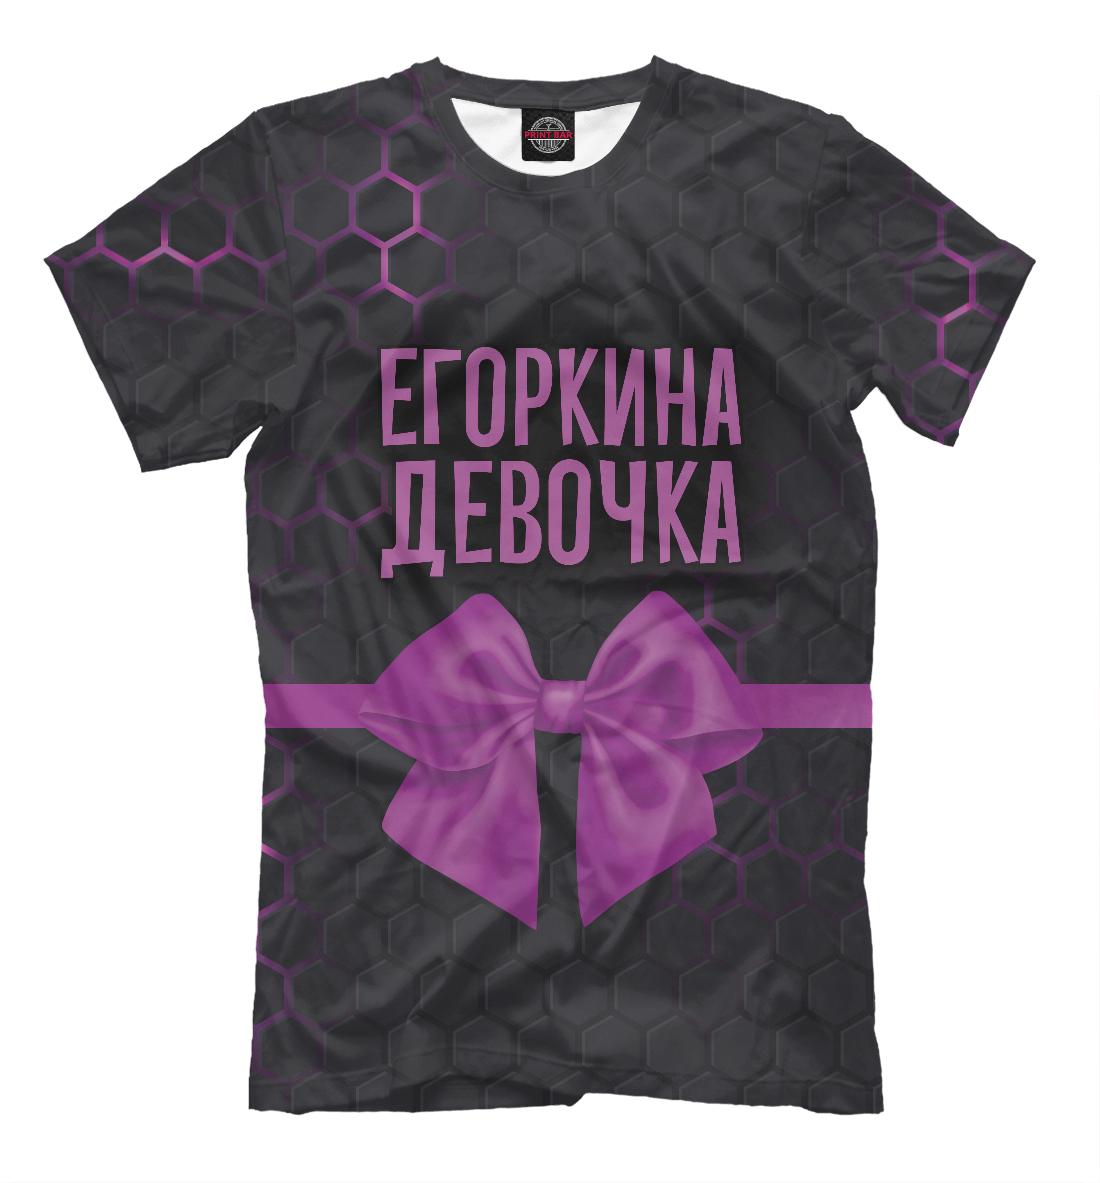 Футболка Егоркина девочка